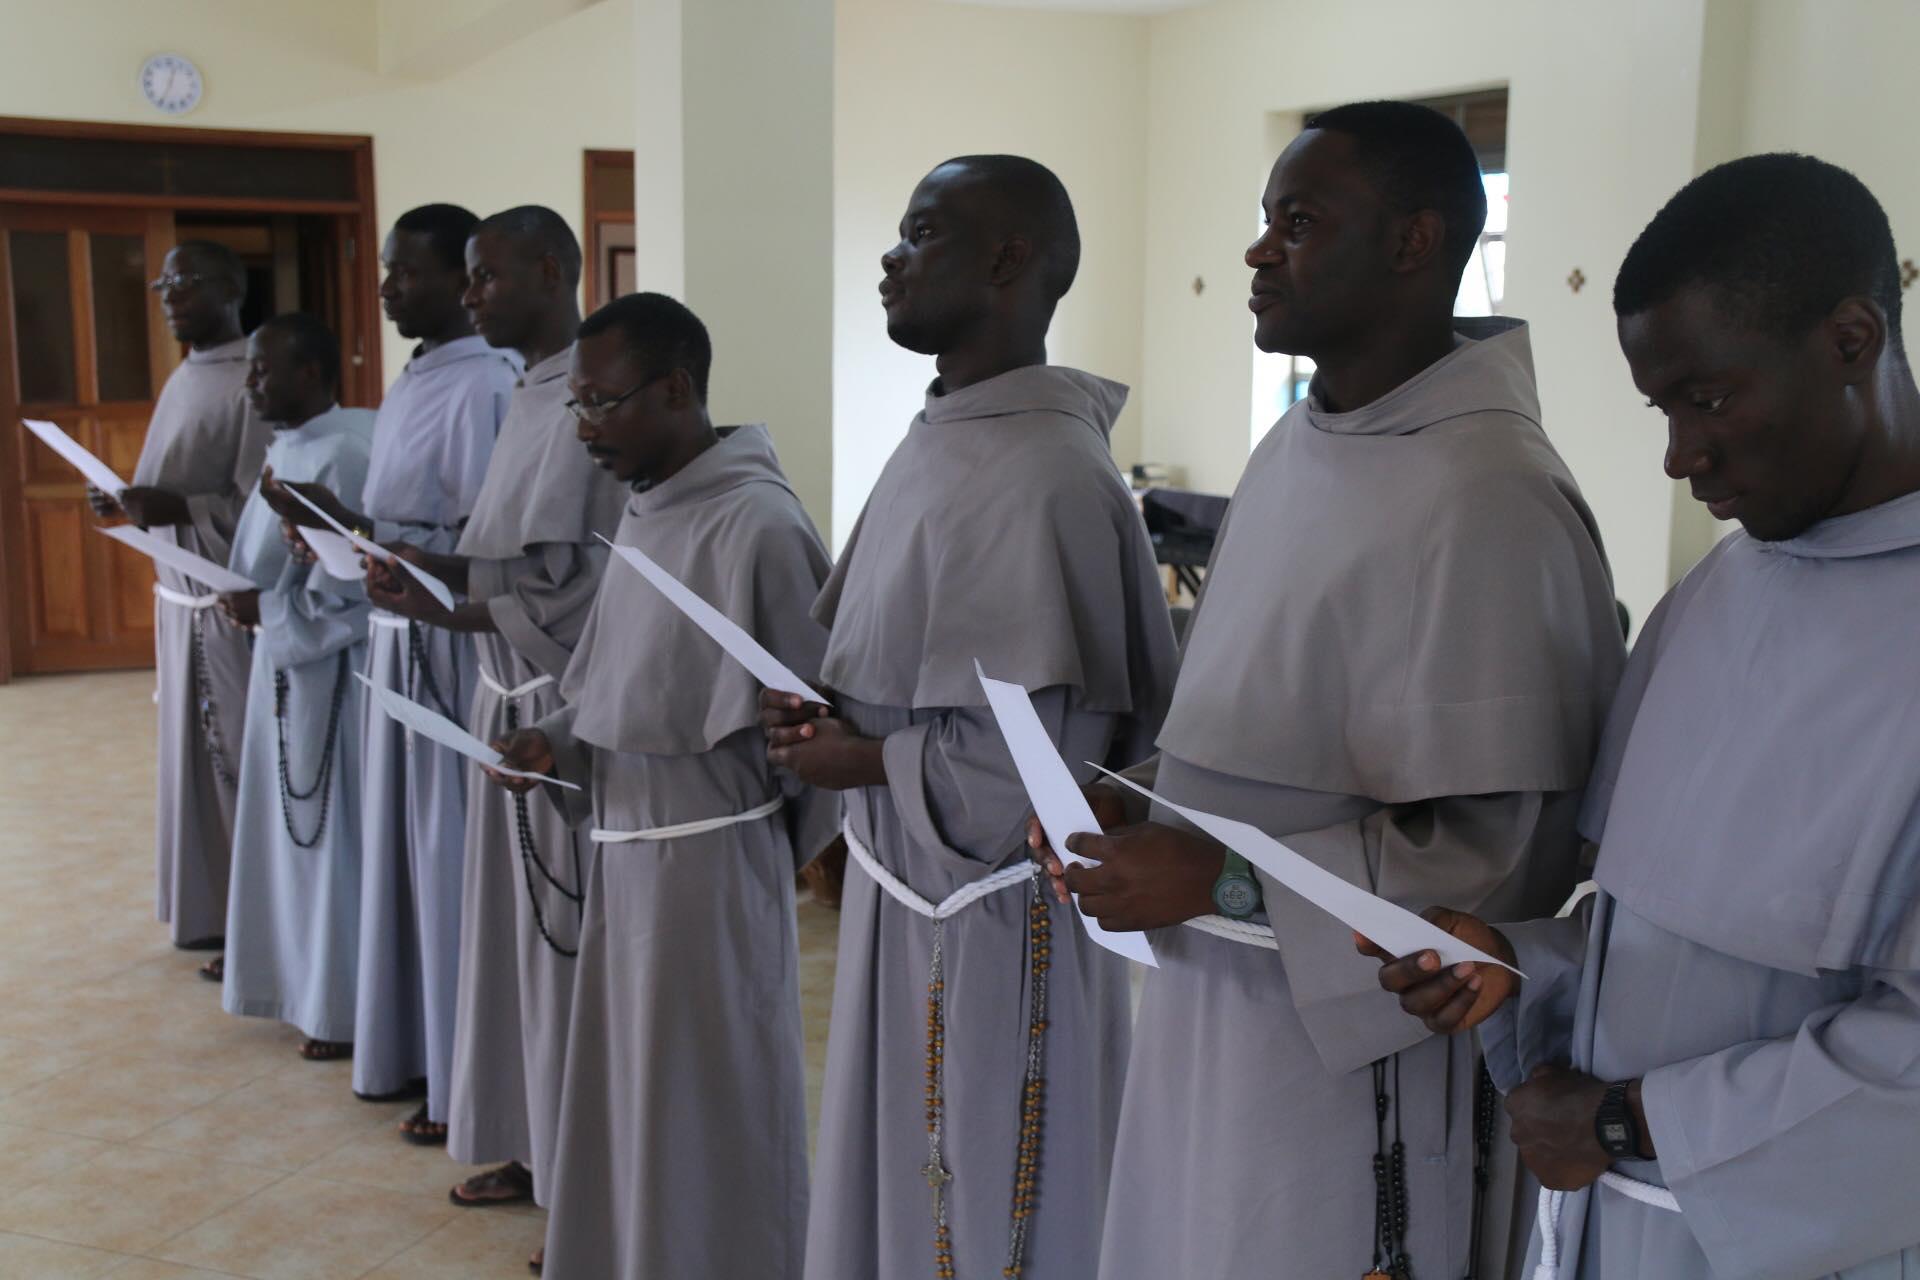 Franciscans of Uganda